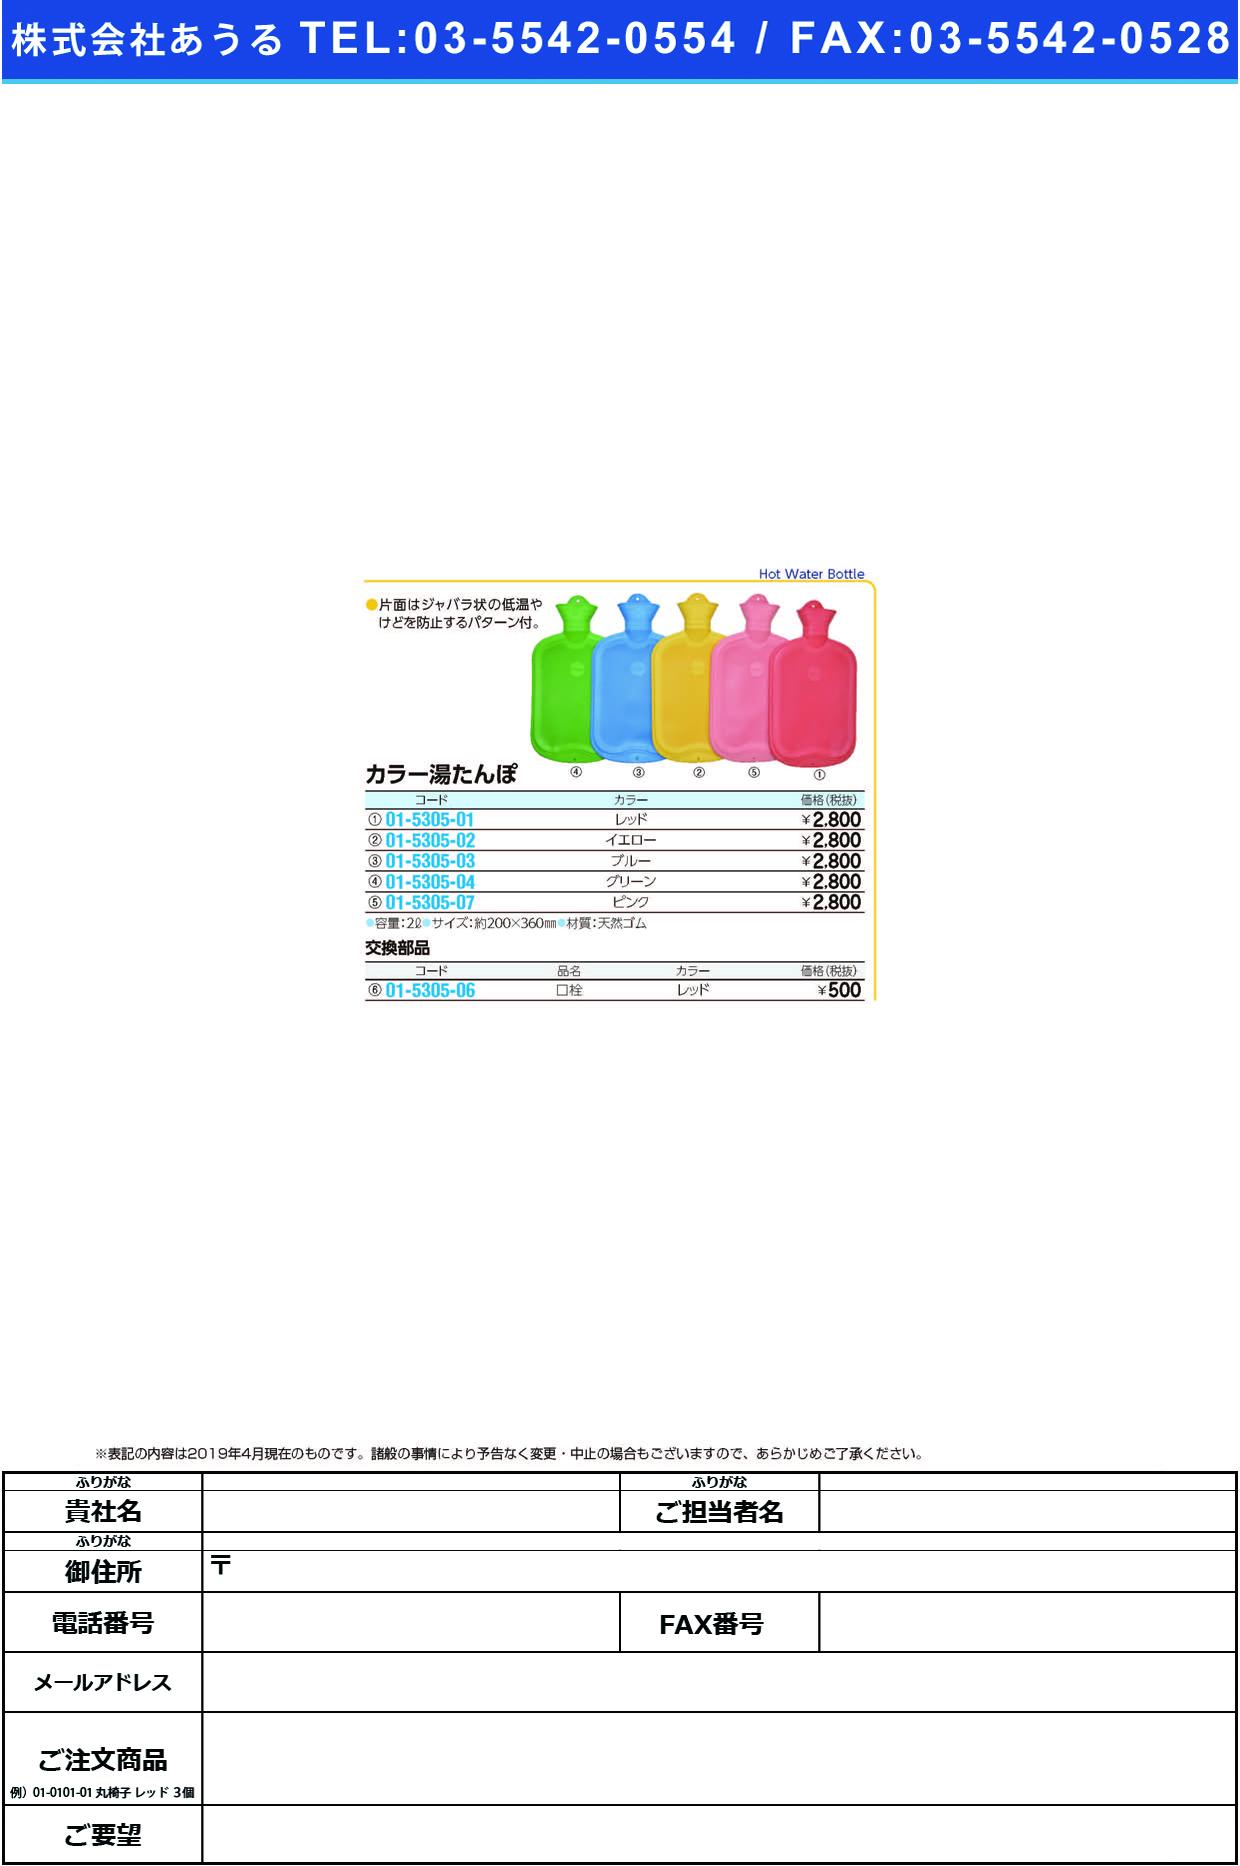 (01-5305-06)カラー湯たんぽ用口栓(レッド)  カラーユタンポヨウクチセン(レッド)【1個単位】【2019年カタログ商品】